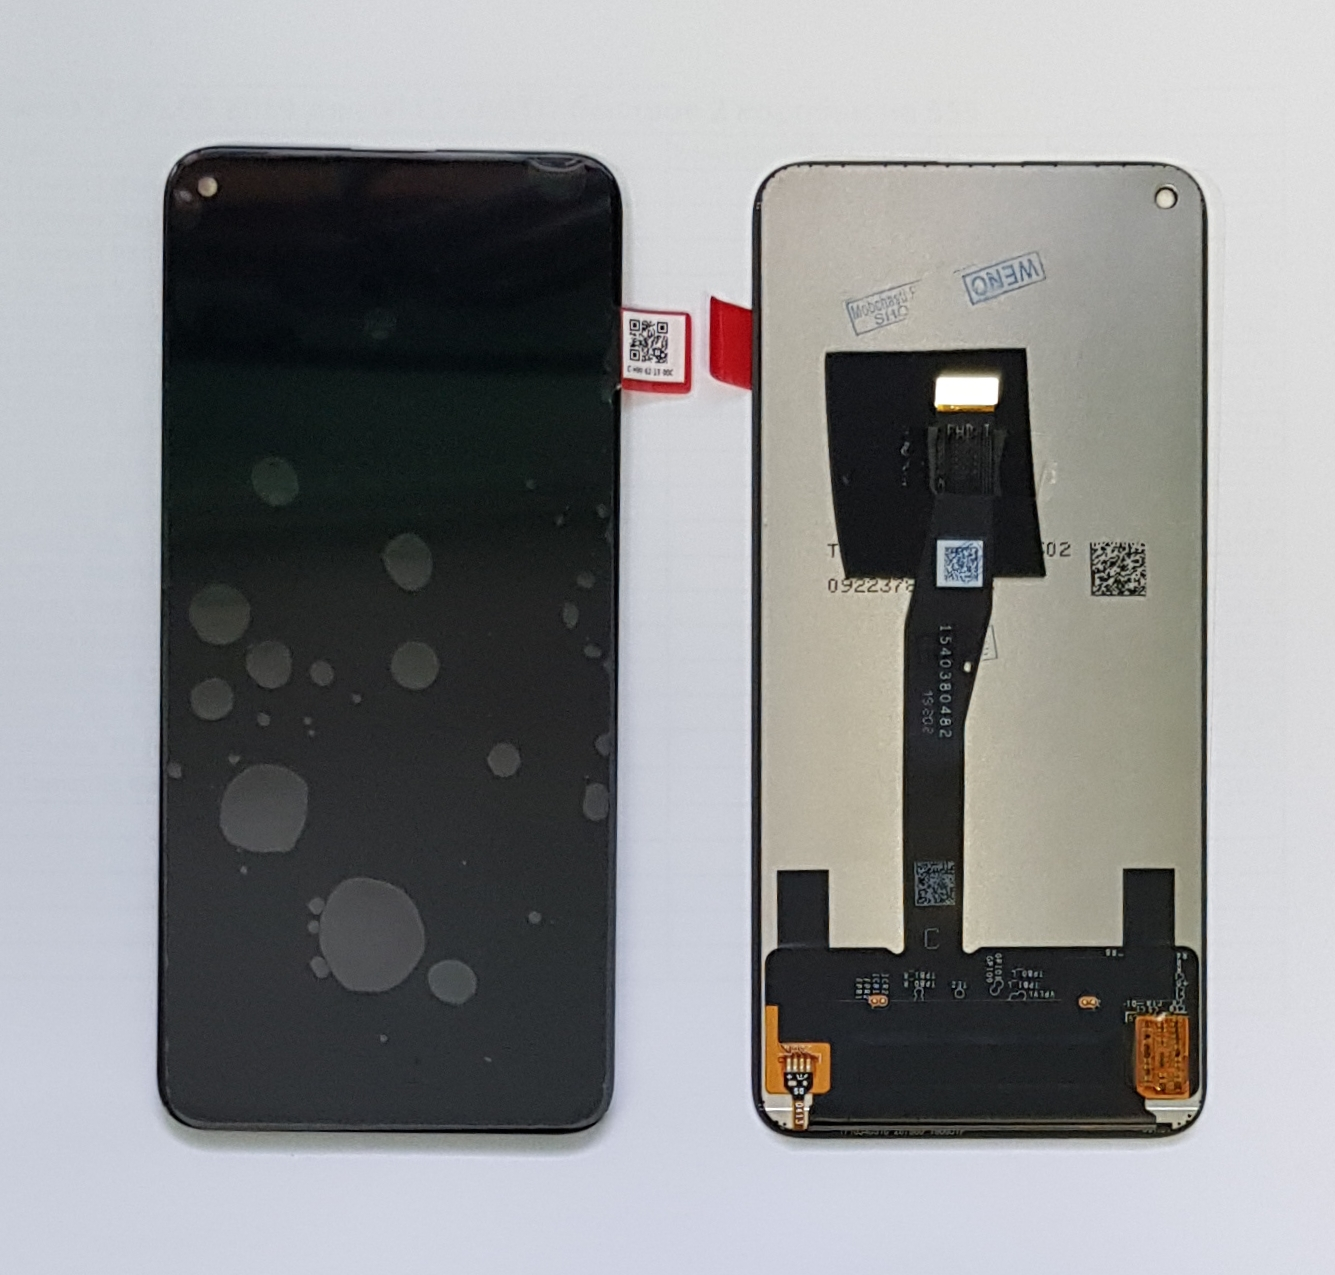 Дисплей с сенсором Huawei Honor 20, YAL-L21, Huawei Honor 20 Pro, YAL-L41, Nova 5T, черный купить в Москве: Царицыно, Савеловская, Пражская, Буденовский и г. Подольск | Мобчасти.рф